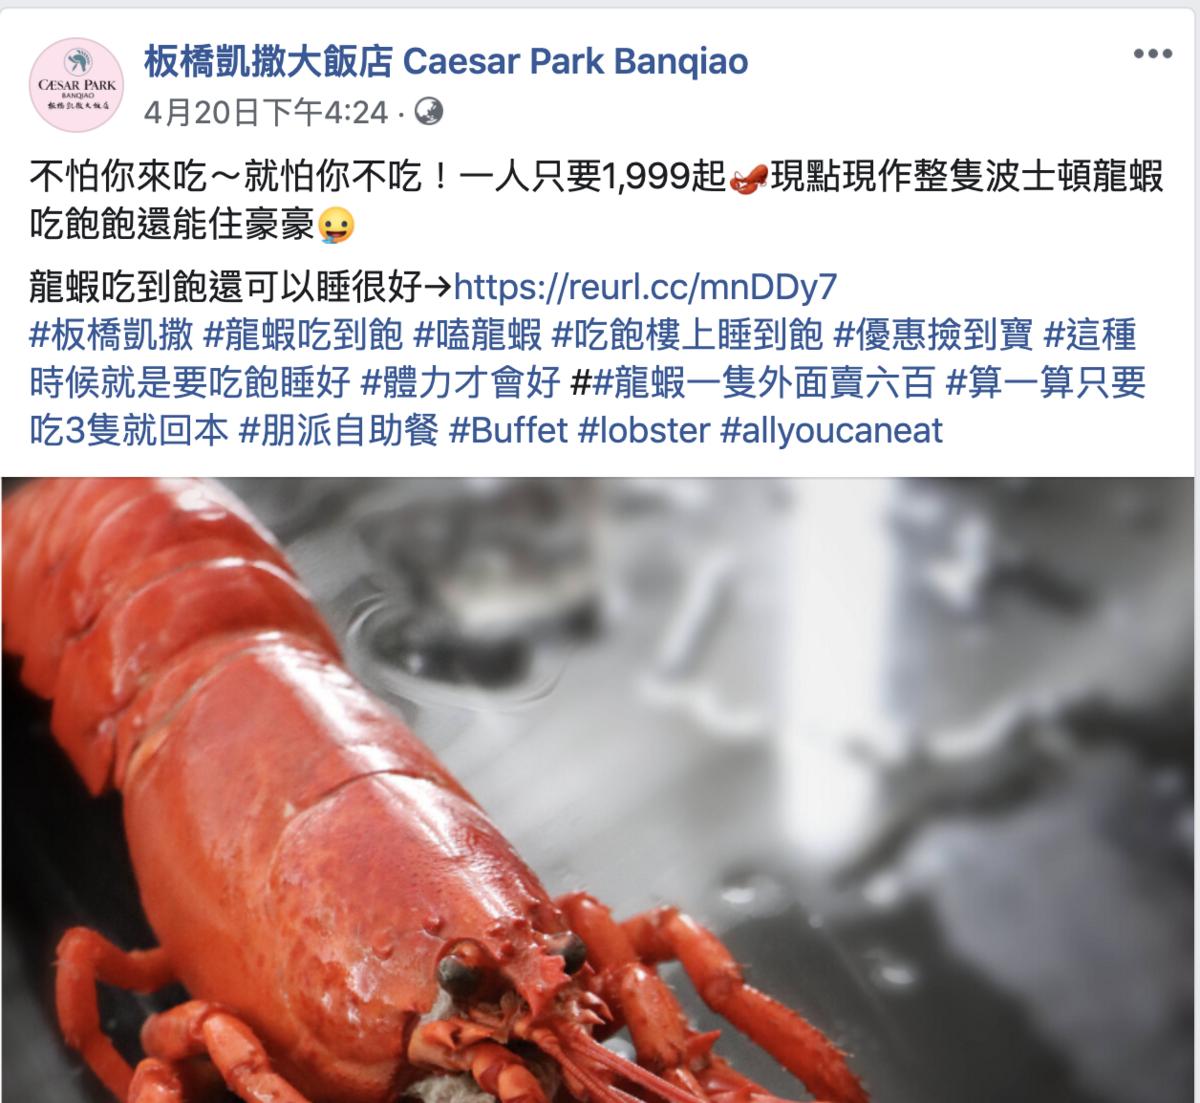 1999元/人住宿板橋凱撒大飯店,可享龍蝦吃到飽套餐,又見龍蝦大餐~